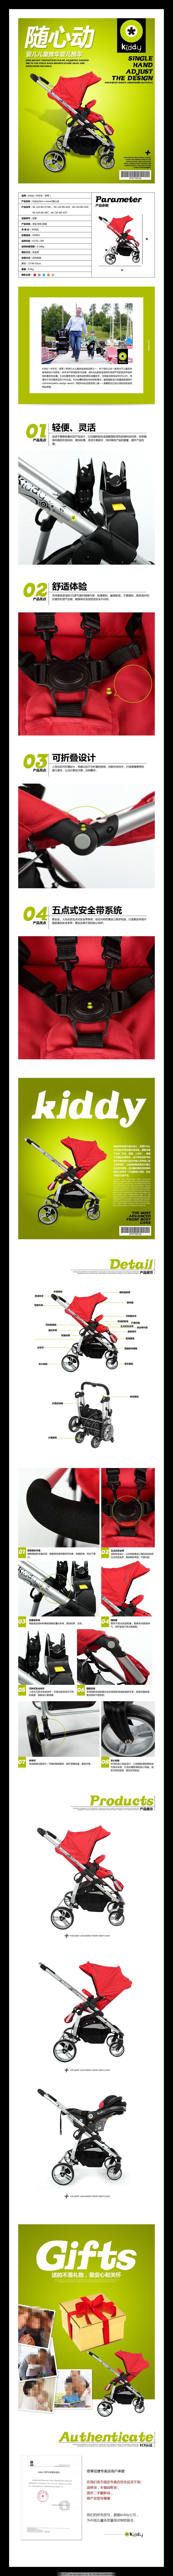 淘宝婴儿手推车详情页模板PSD素材 宝贝描述 产品介绍 产品描述